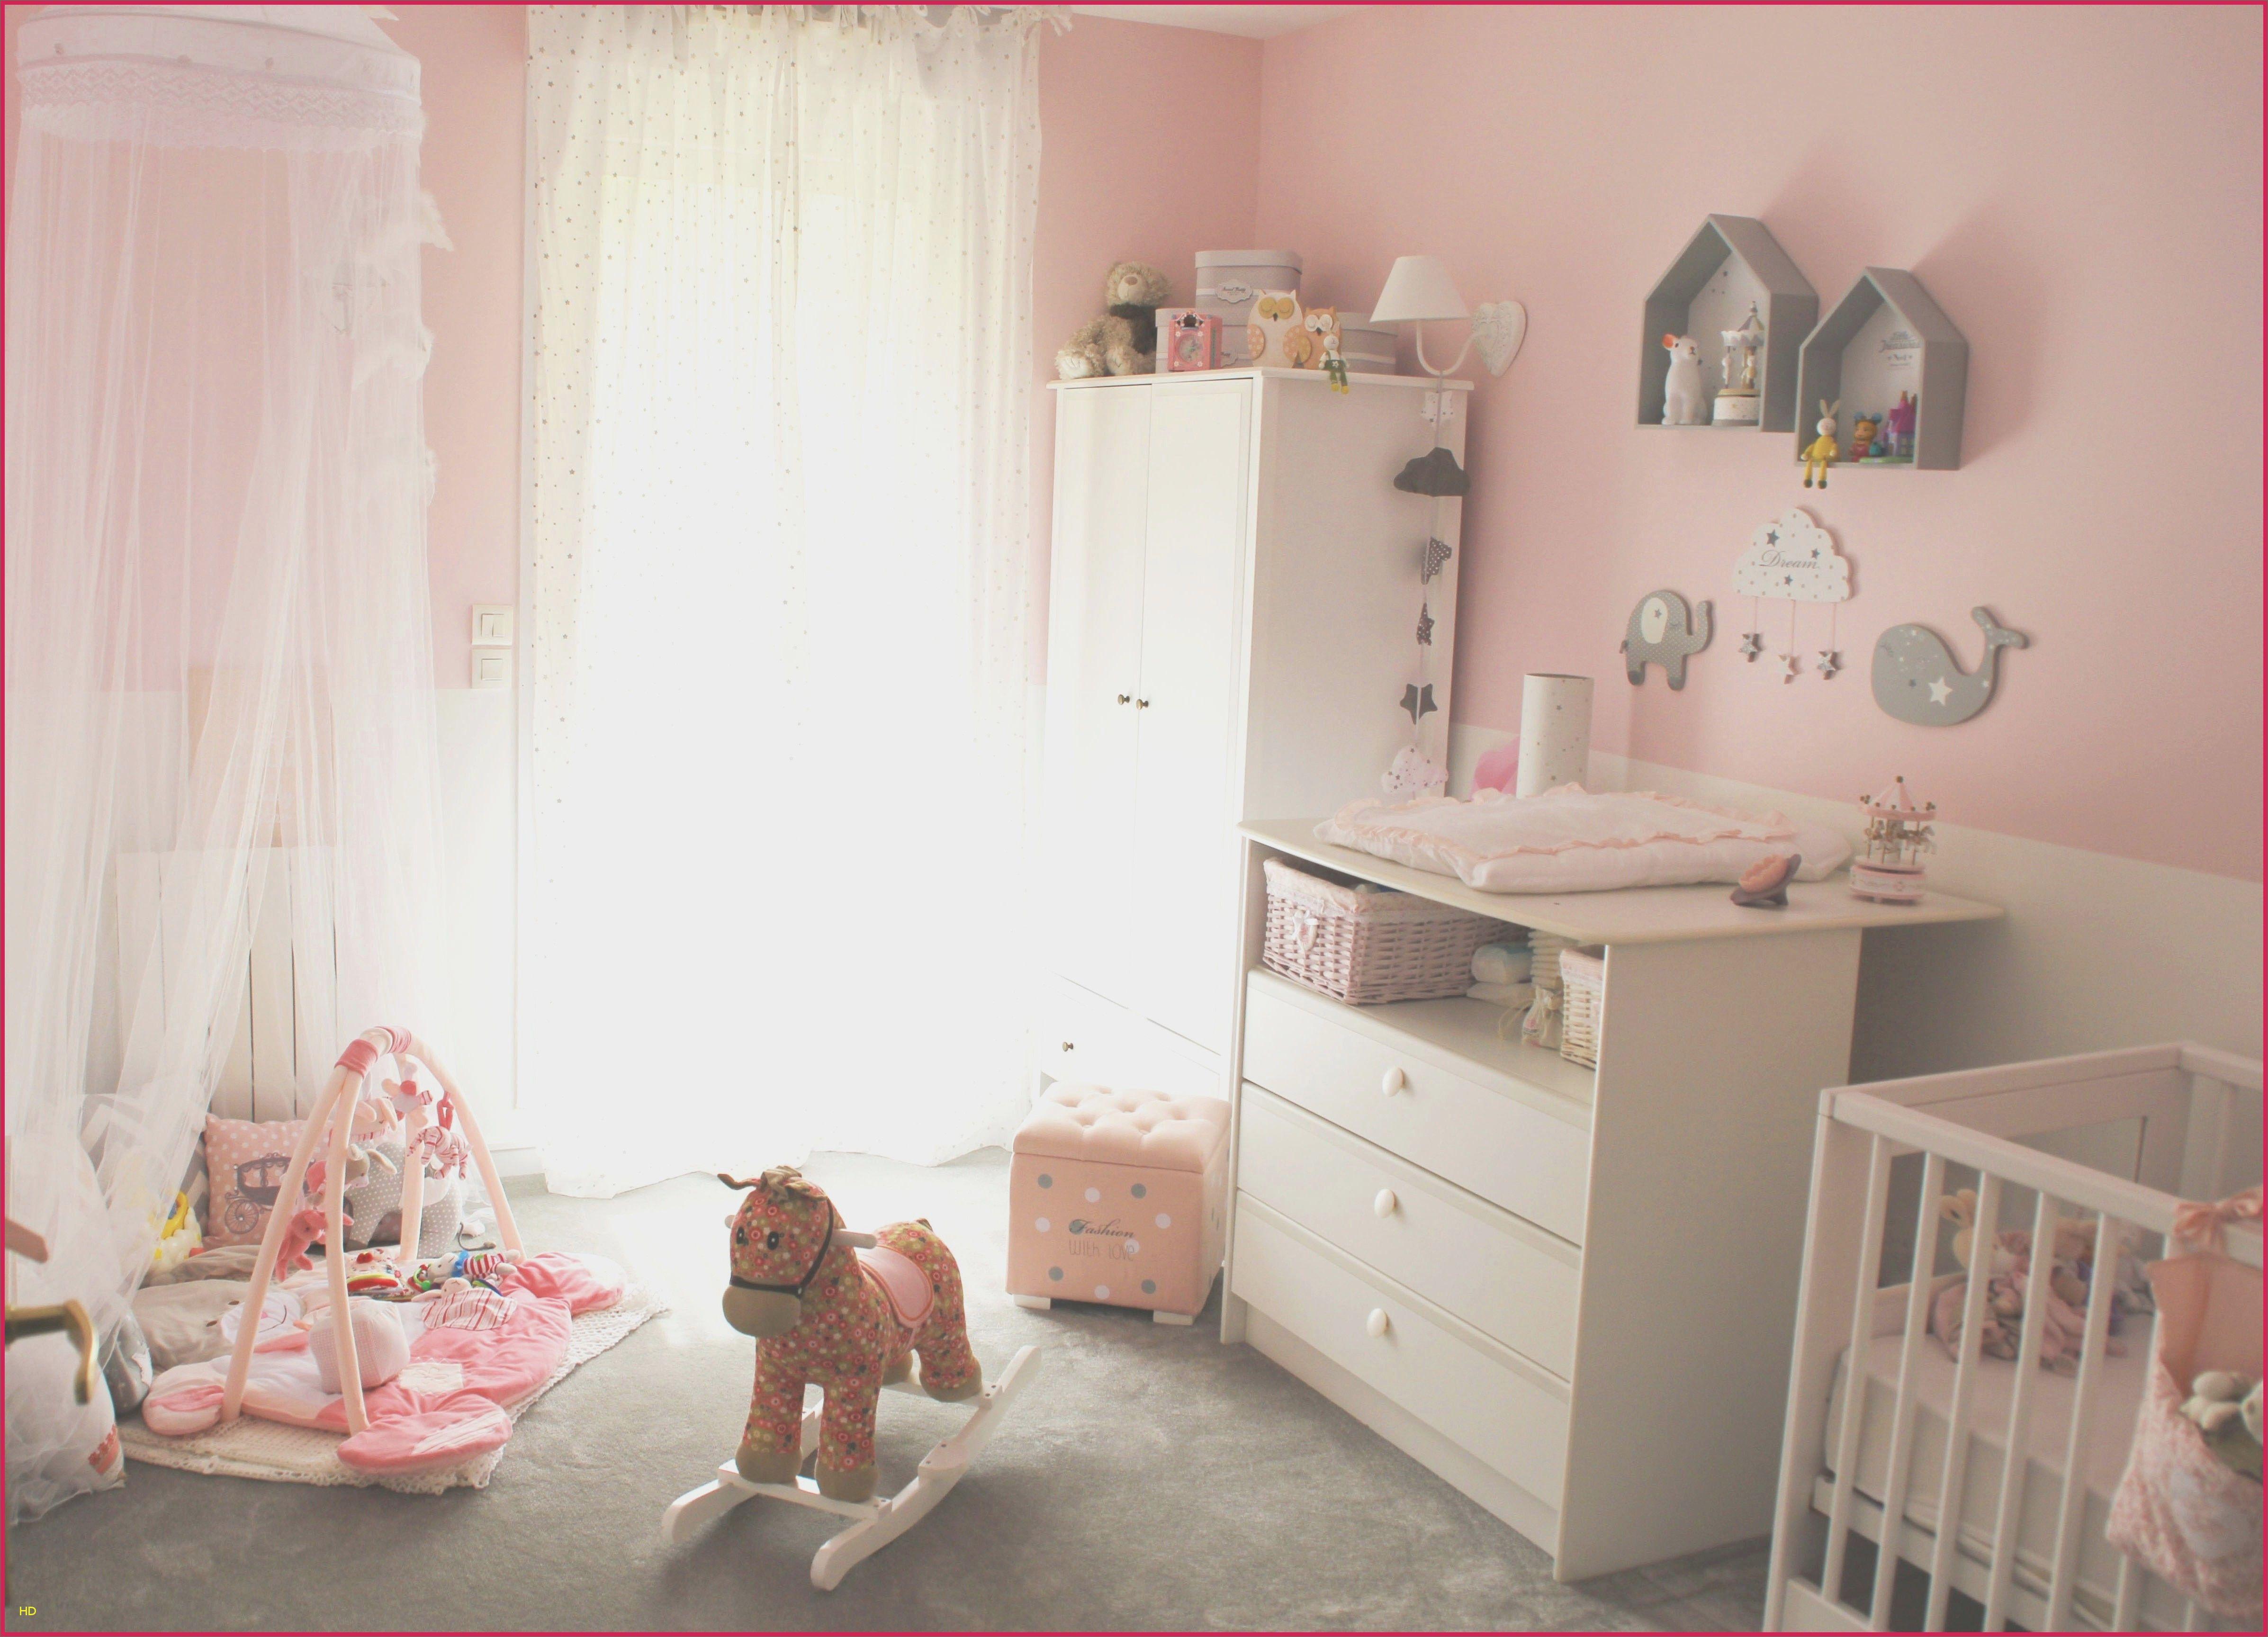 Baignoire Bebe Sur Pied Ikea Baignoire Bebe Sur Pied Ikea La Maison Plain Pied Moderne Archzine La Maison P Interior Design Bedroom Girls Bedroom Toddler Bed